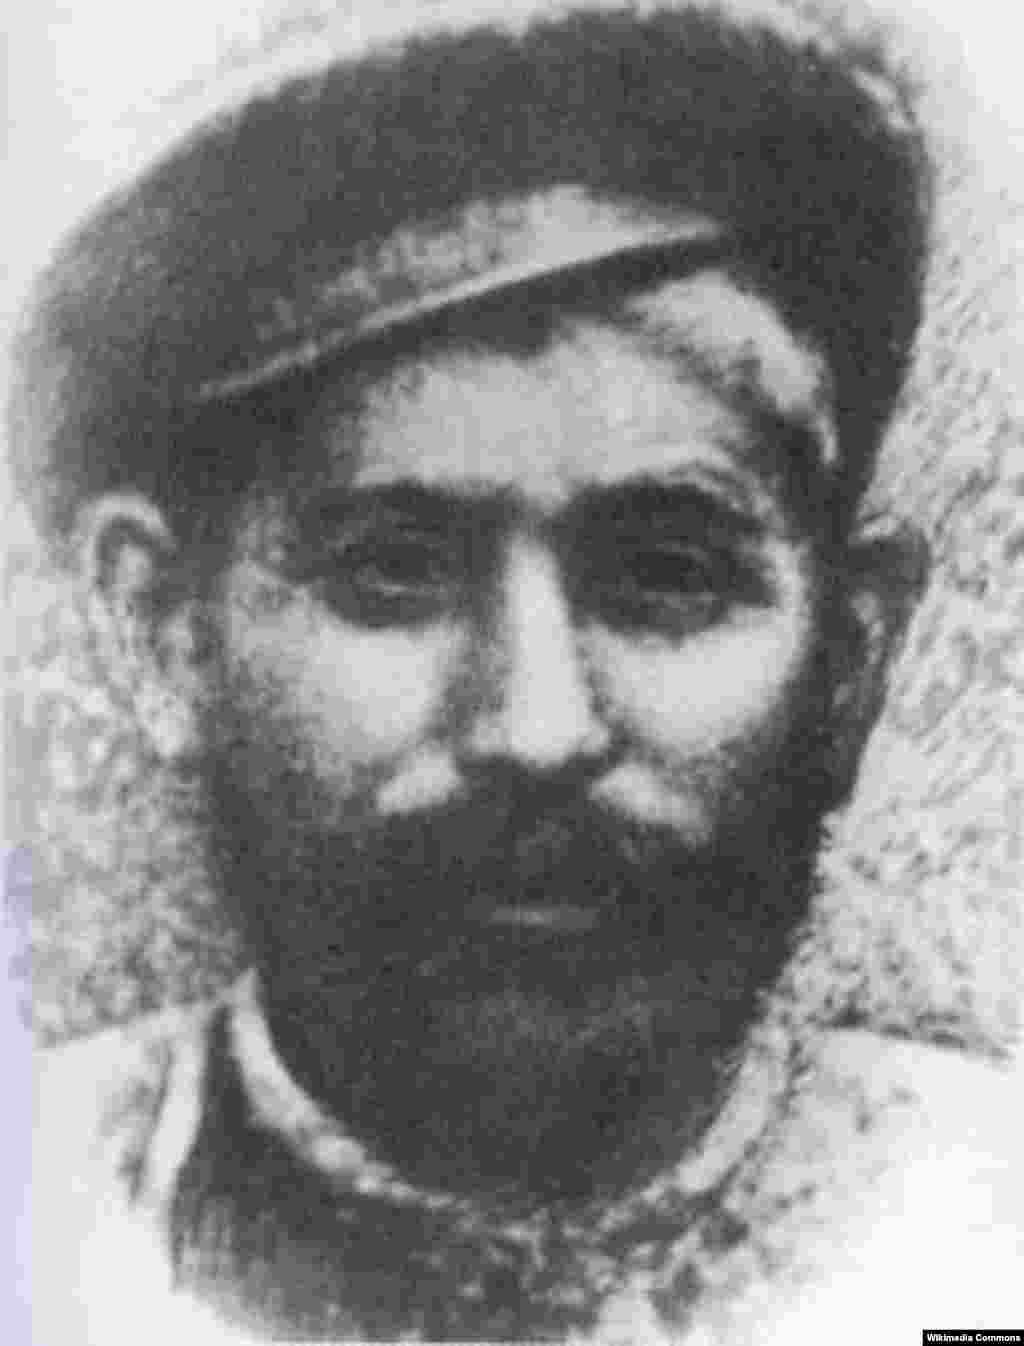 Батько Сталіна, Весаріон Вановіс Джугашвілі (1849/1850-1909), швець. Дата світлини невідома.